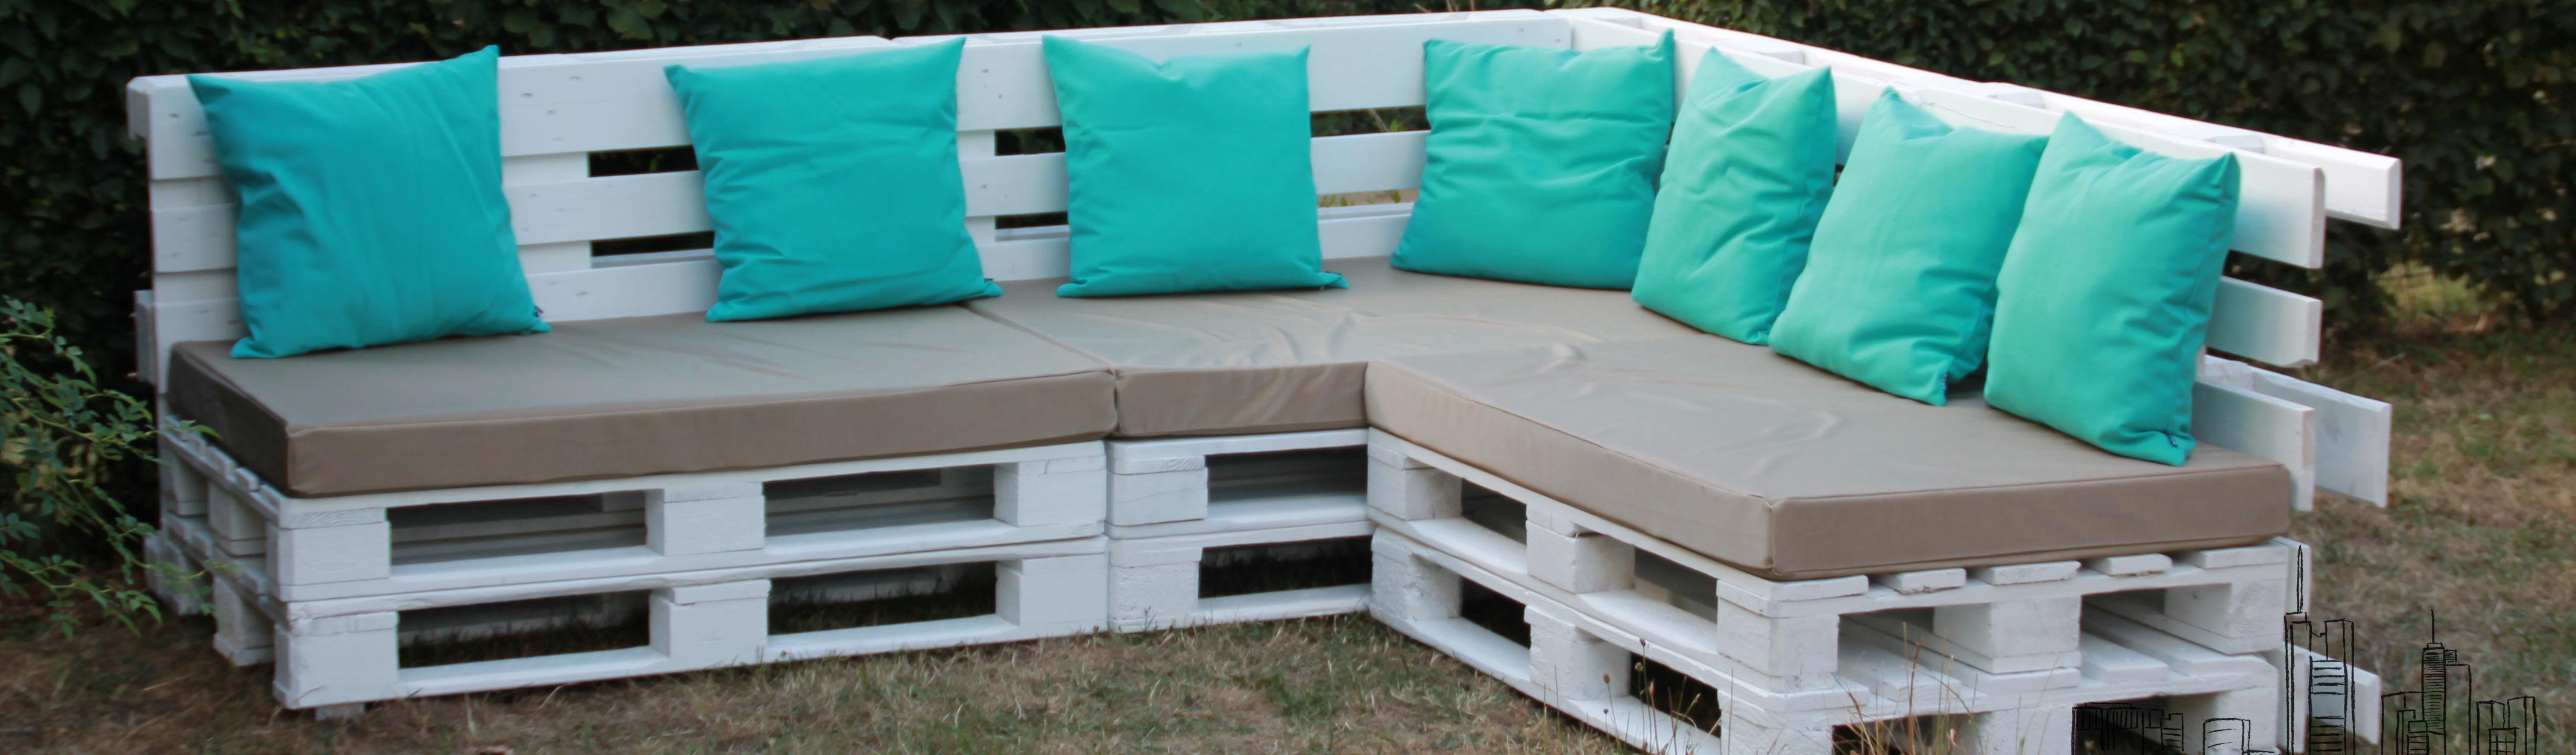 paletten style online shops in frankfurt homify. Black Bedroom Furniture Sets. Home Design Ideas